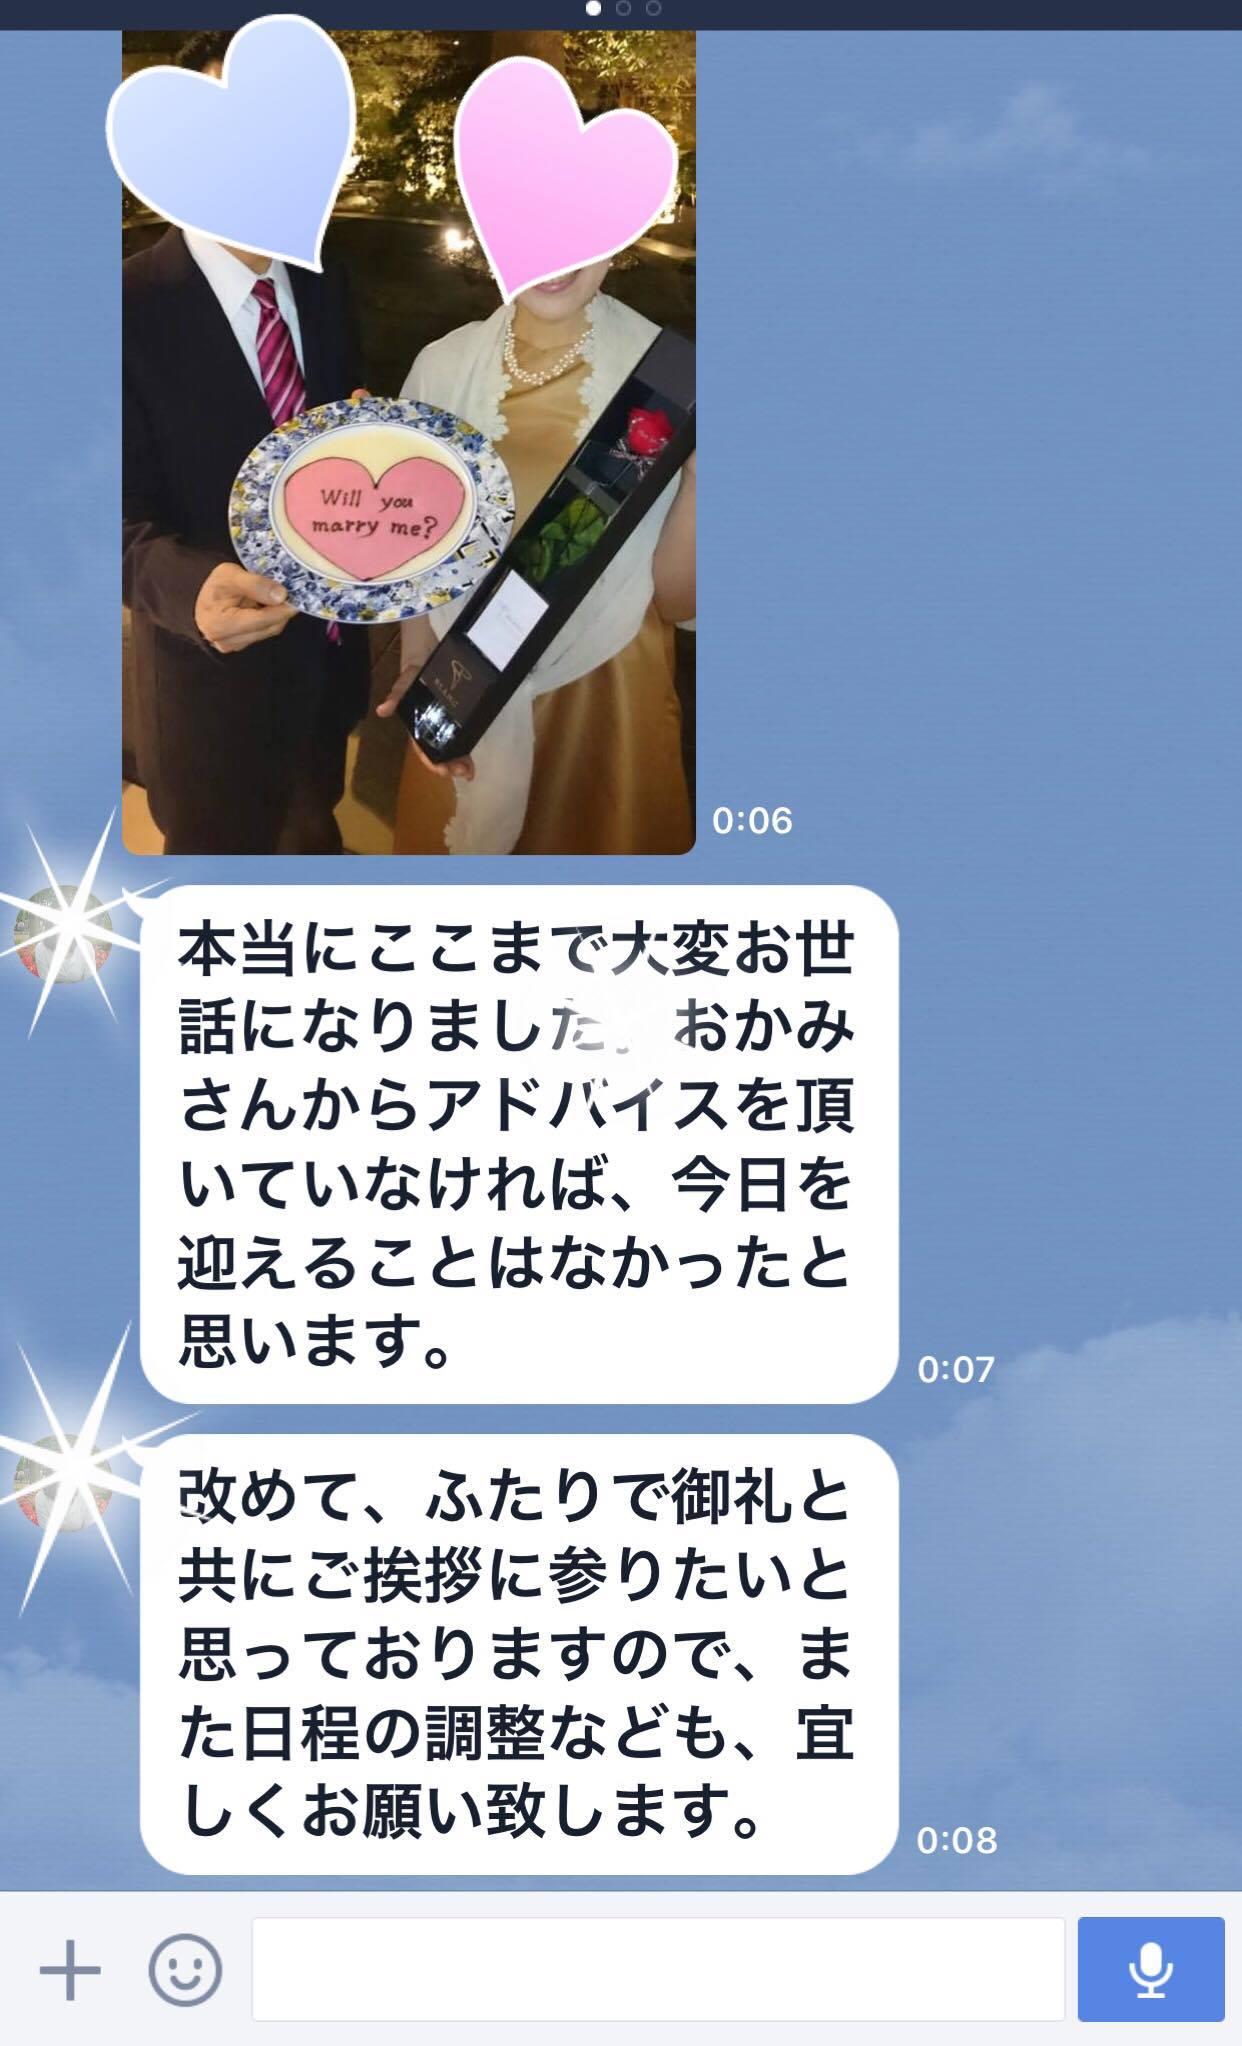 30代後半、女性会員様からの成婚メッセージ|東京の結婚相談所 喜園